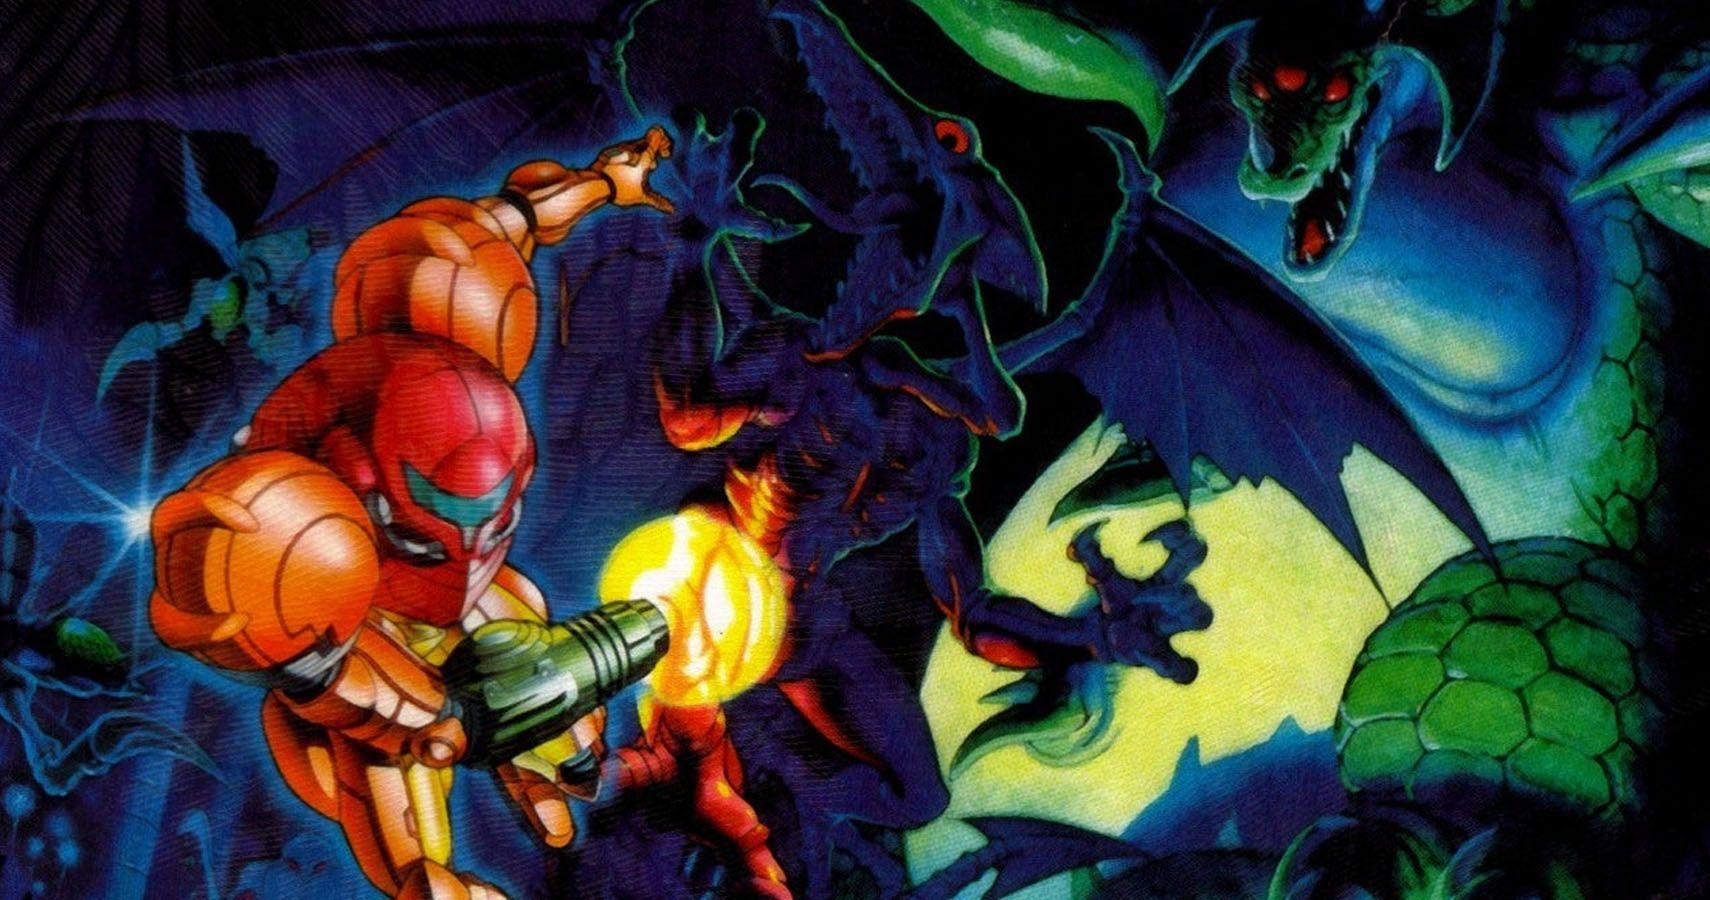 ¿Cuánto tiempo se tarda en vencer a Super Metroid?